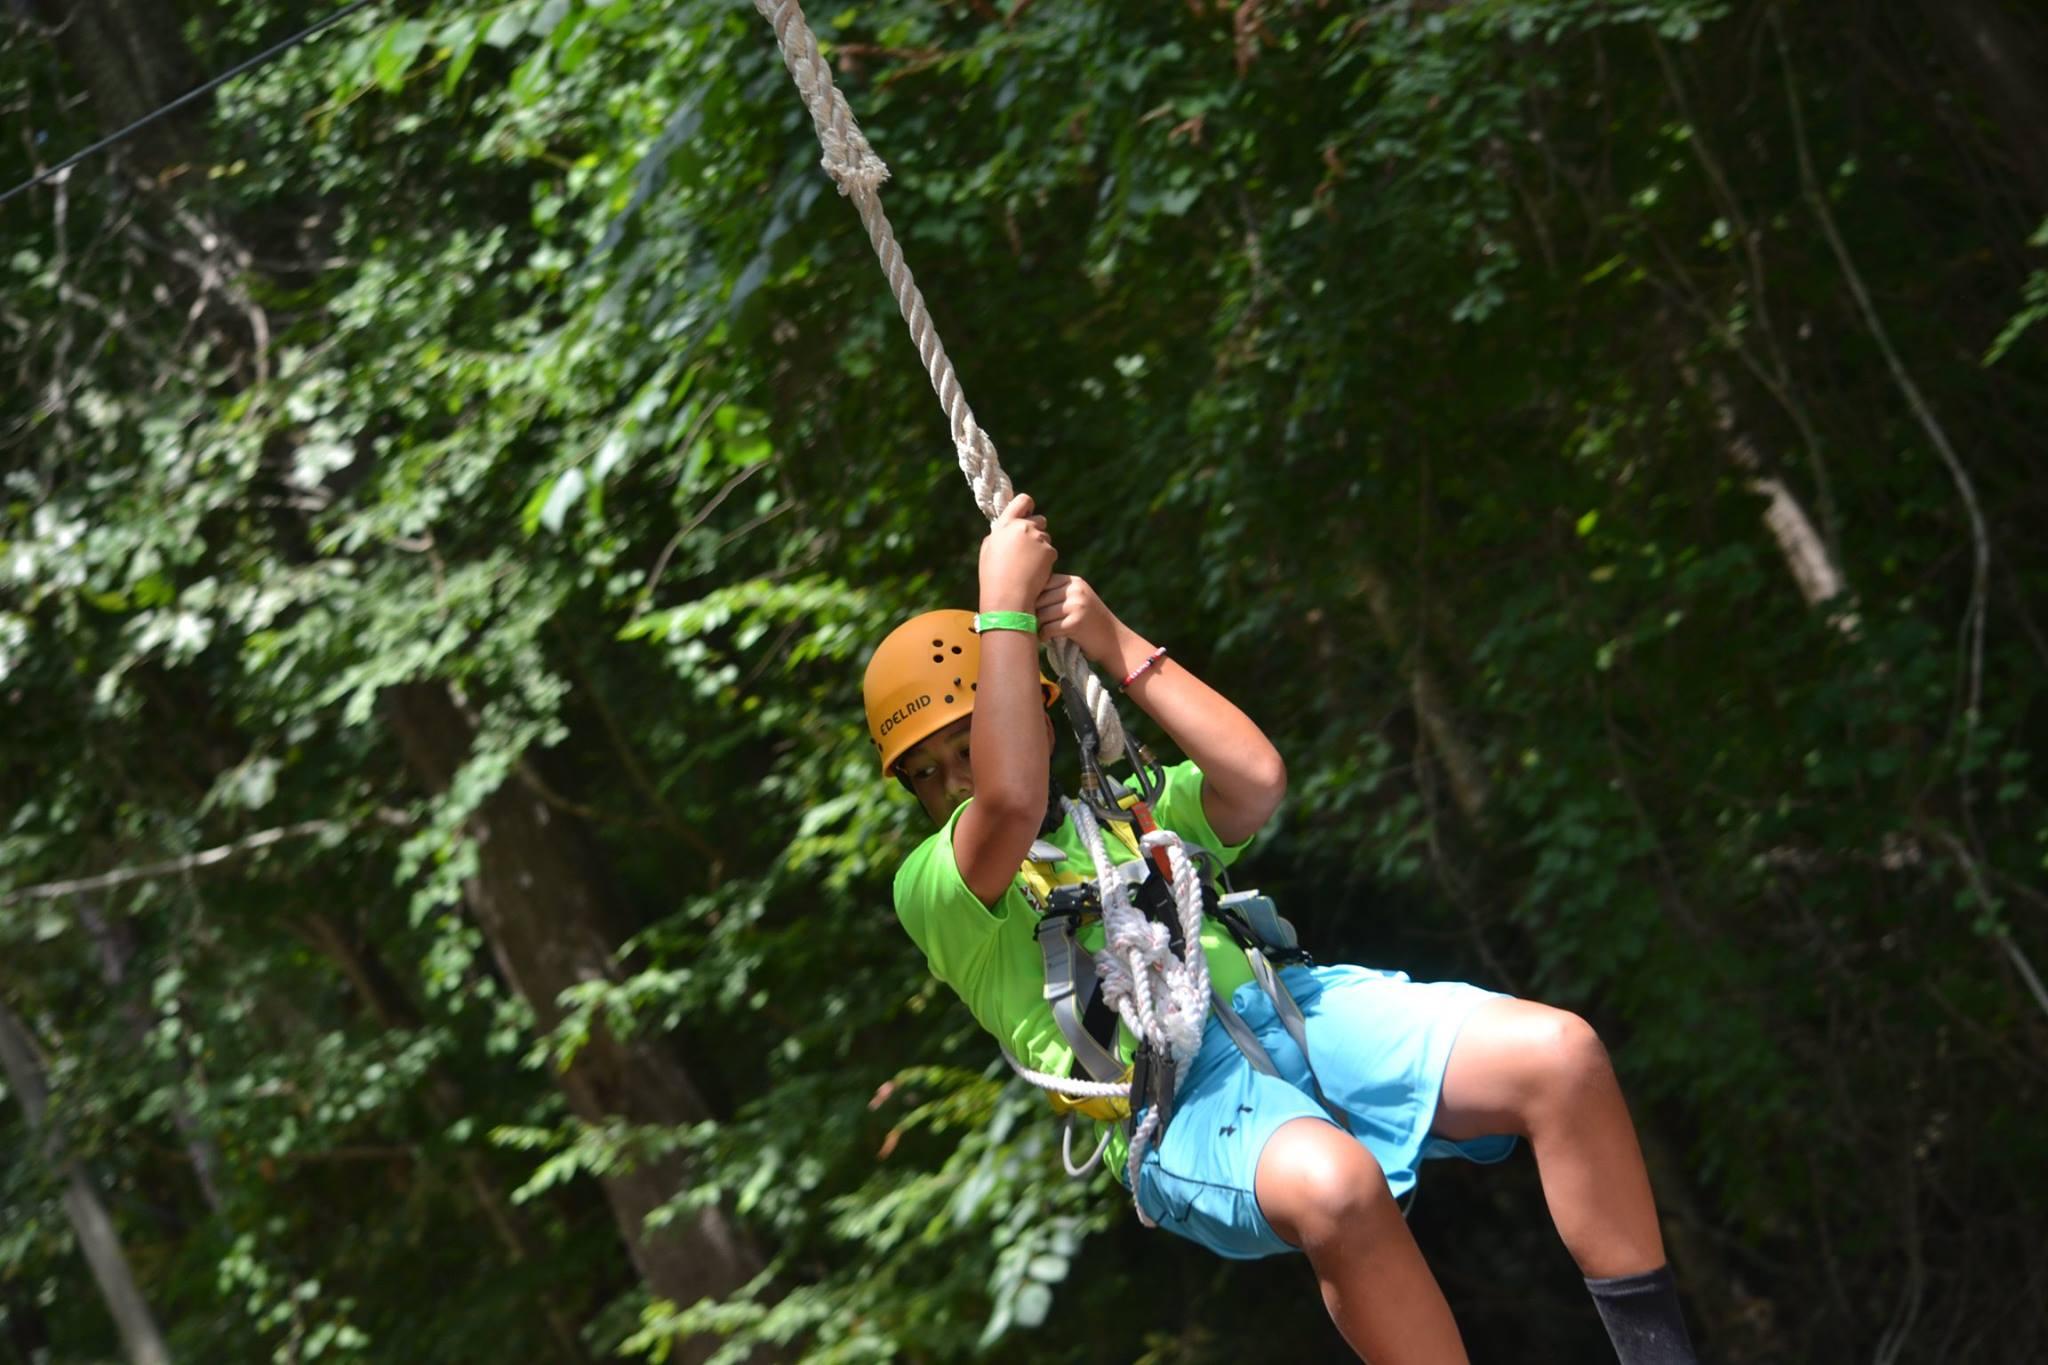 Child on zipline image